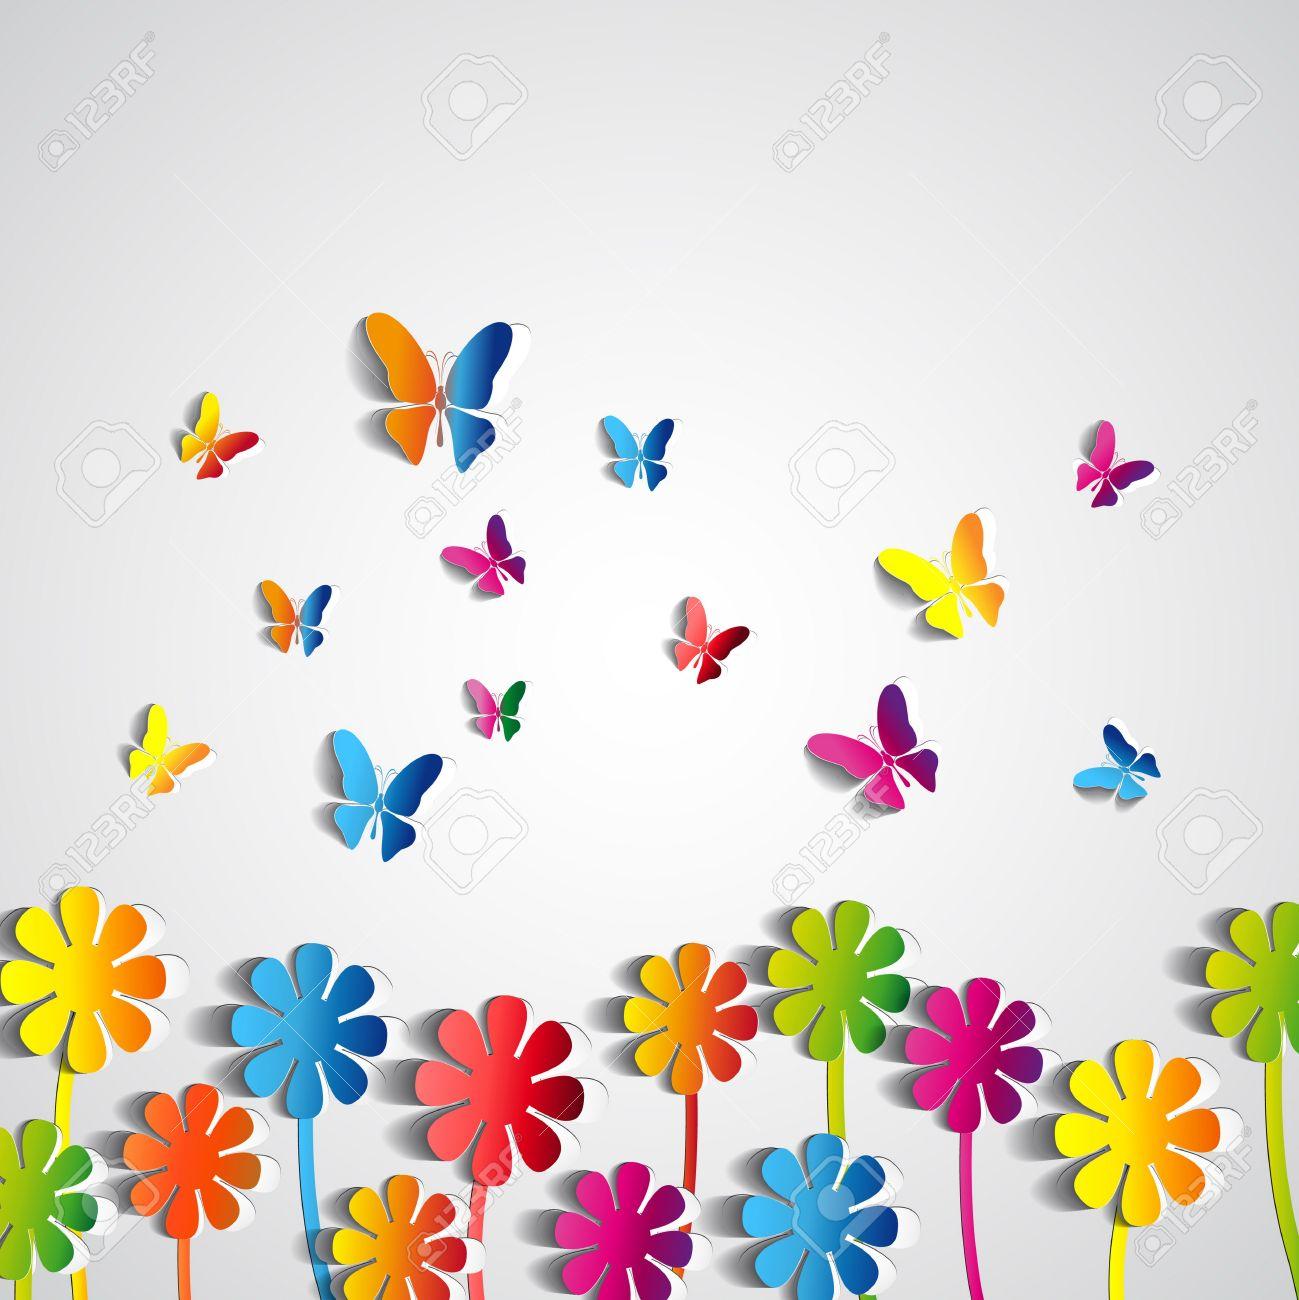 Реферат Цветы фон бумага бабочки весна тема карты вектор  Реферат Цветы фон бумага бабочки весна тема карты вектор Фото со стока